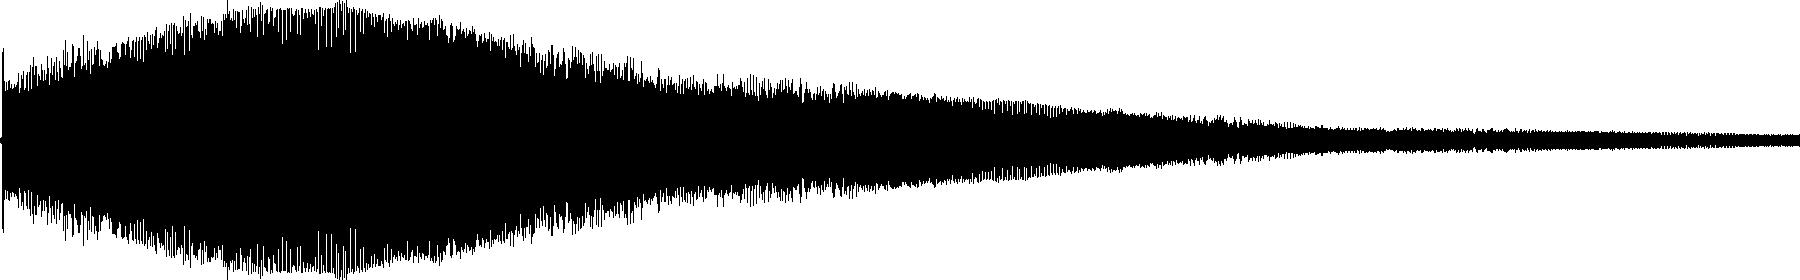 zap volt